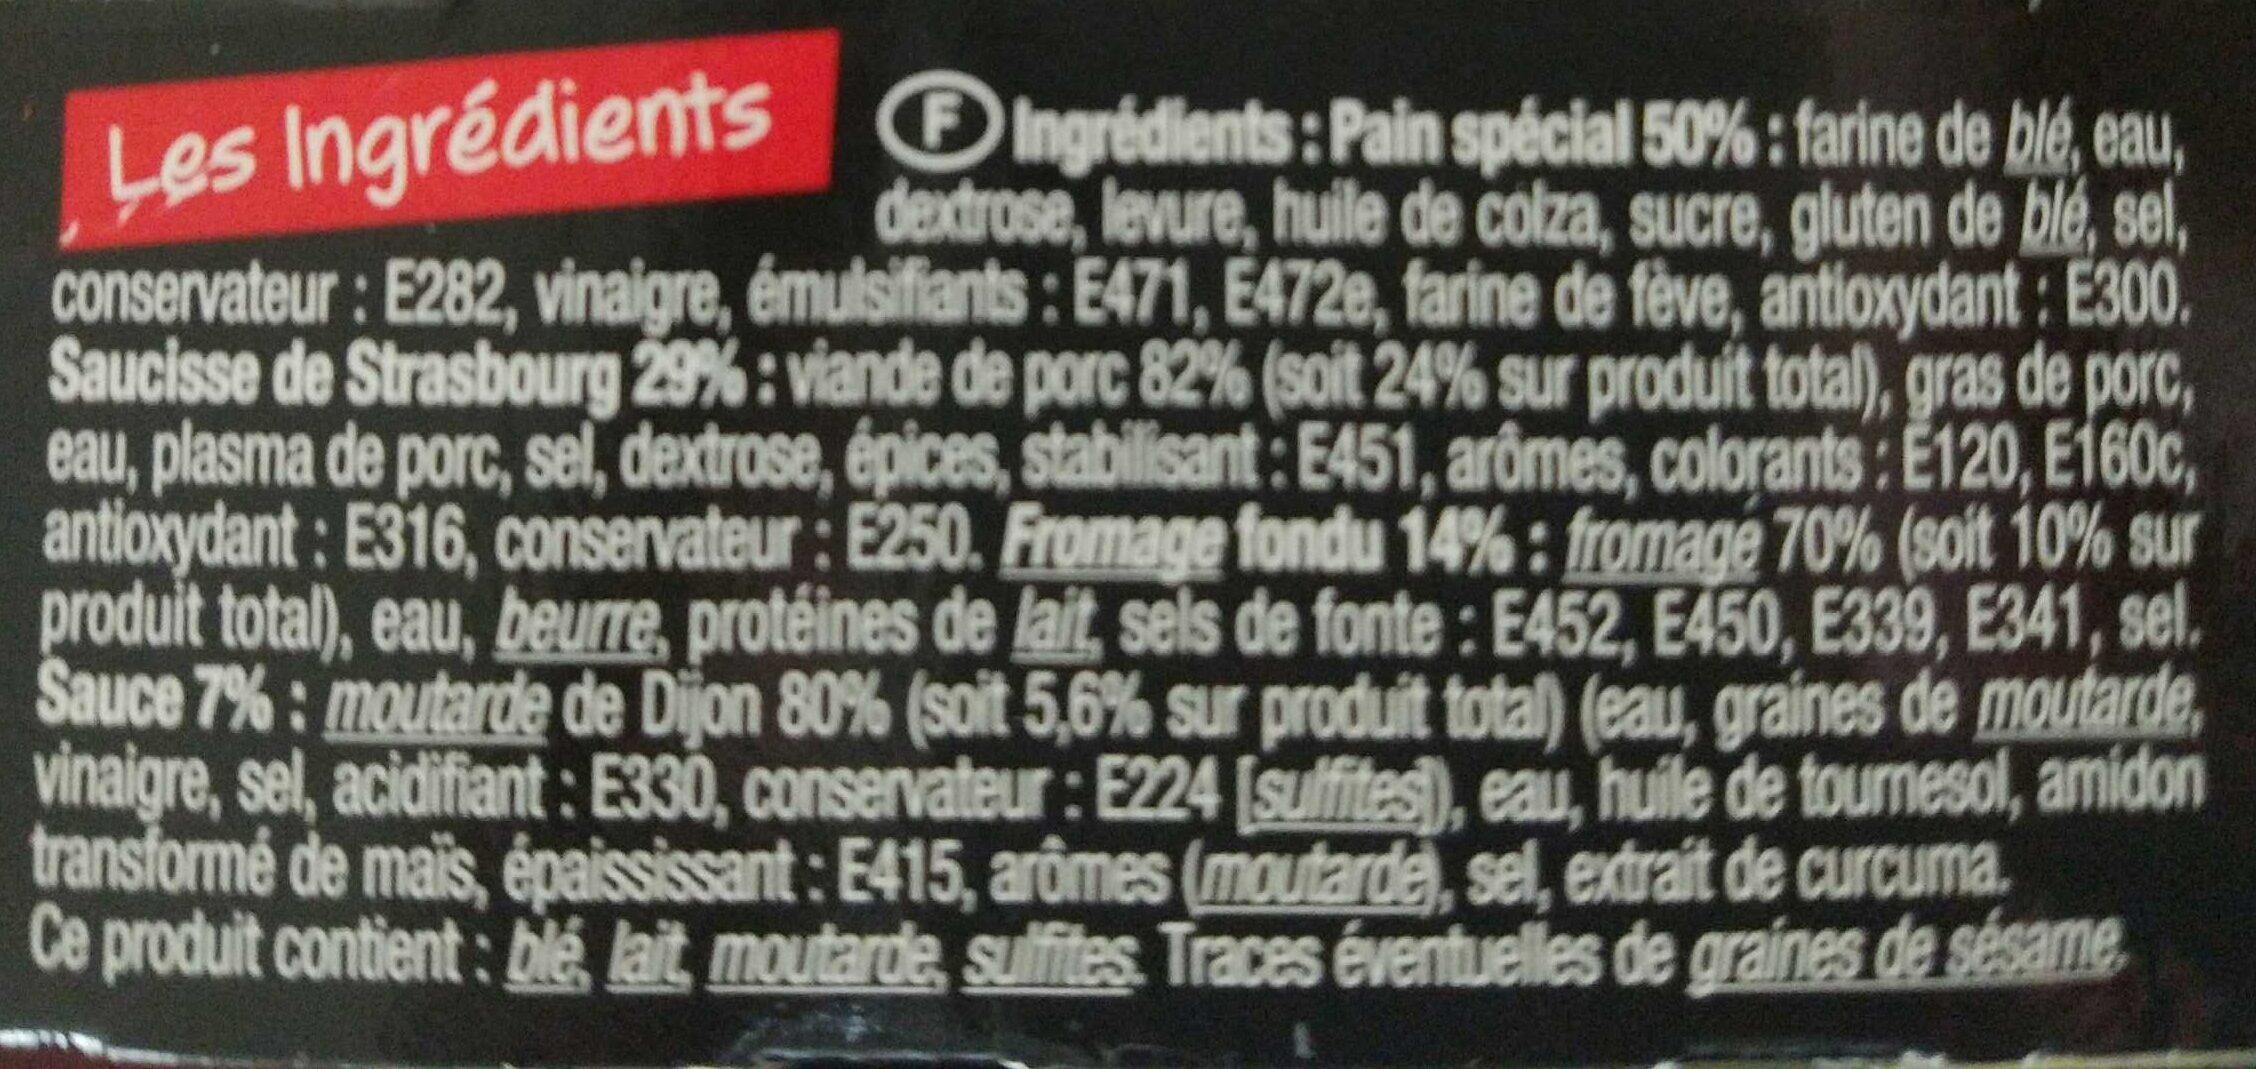 Charal Snack Hot Dog Moutarde 120GR (Ov 6) - Ingredients